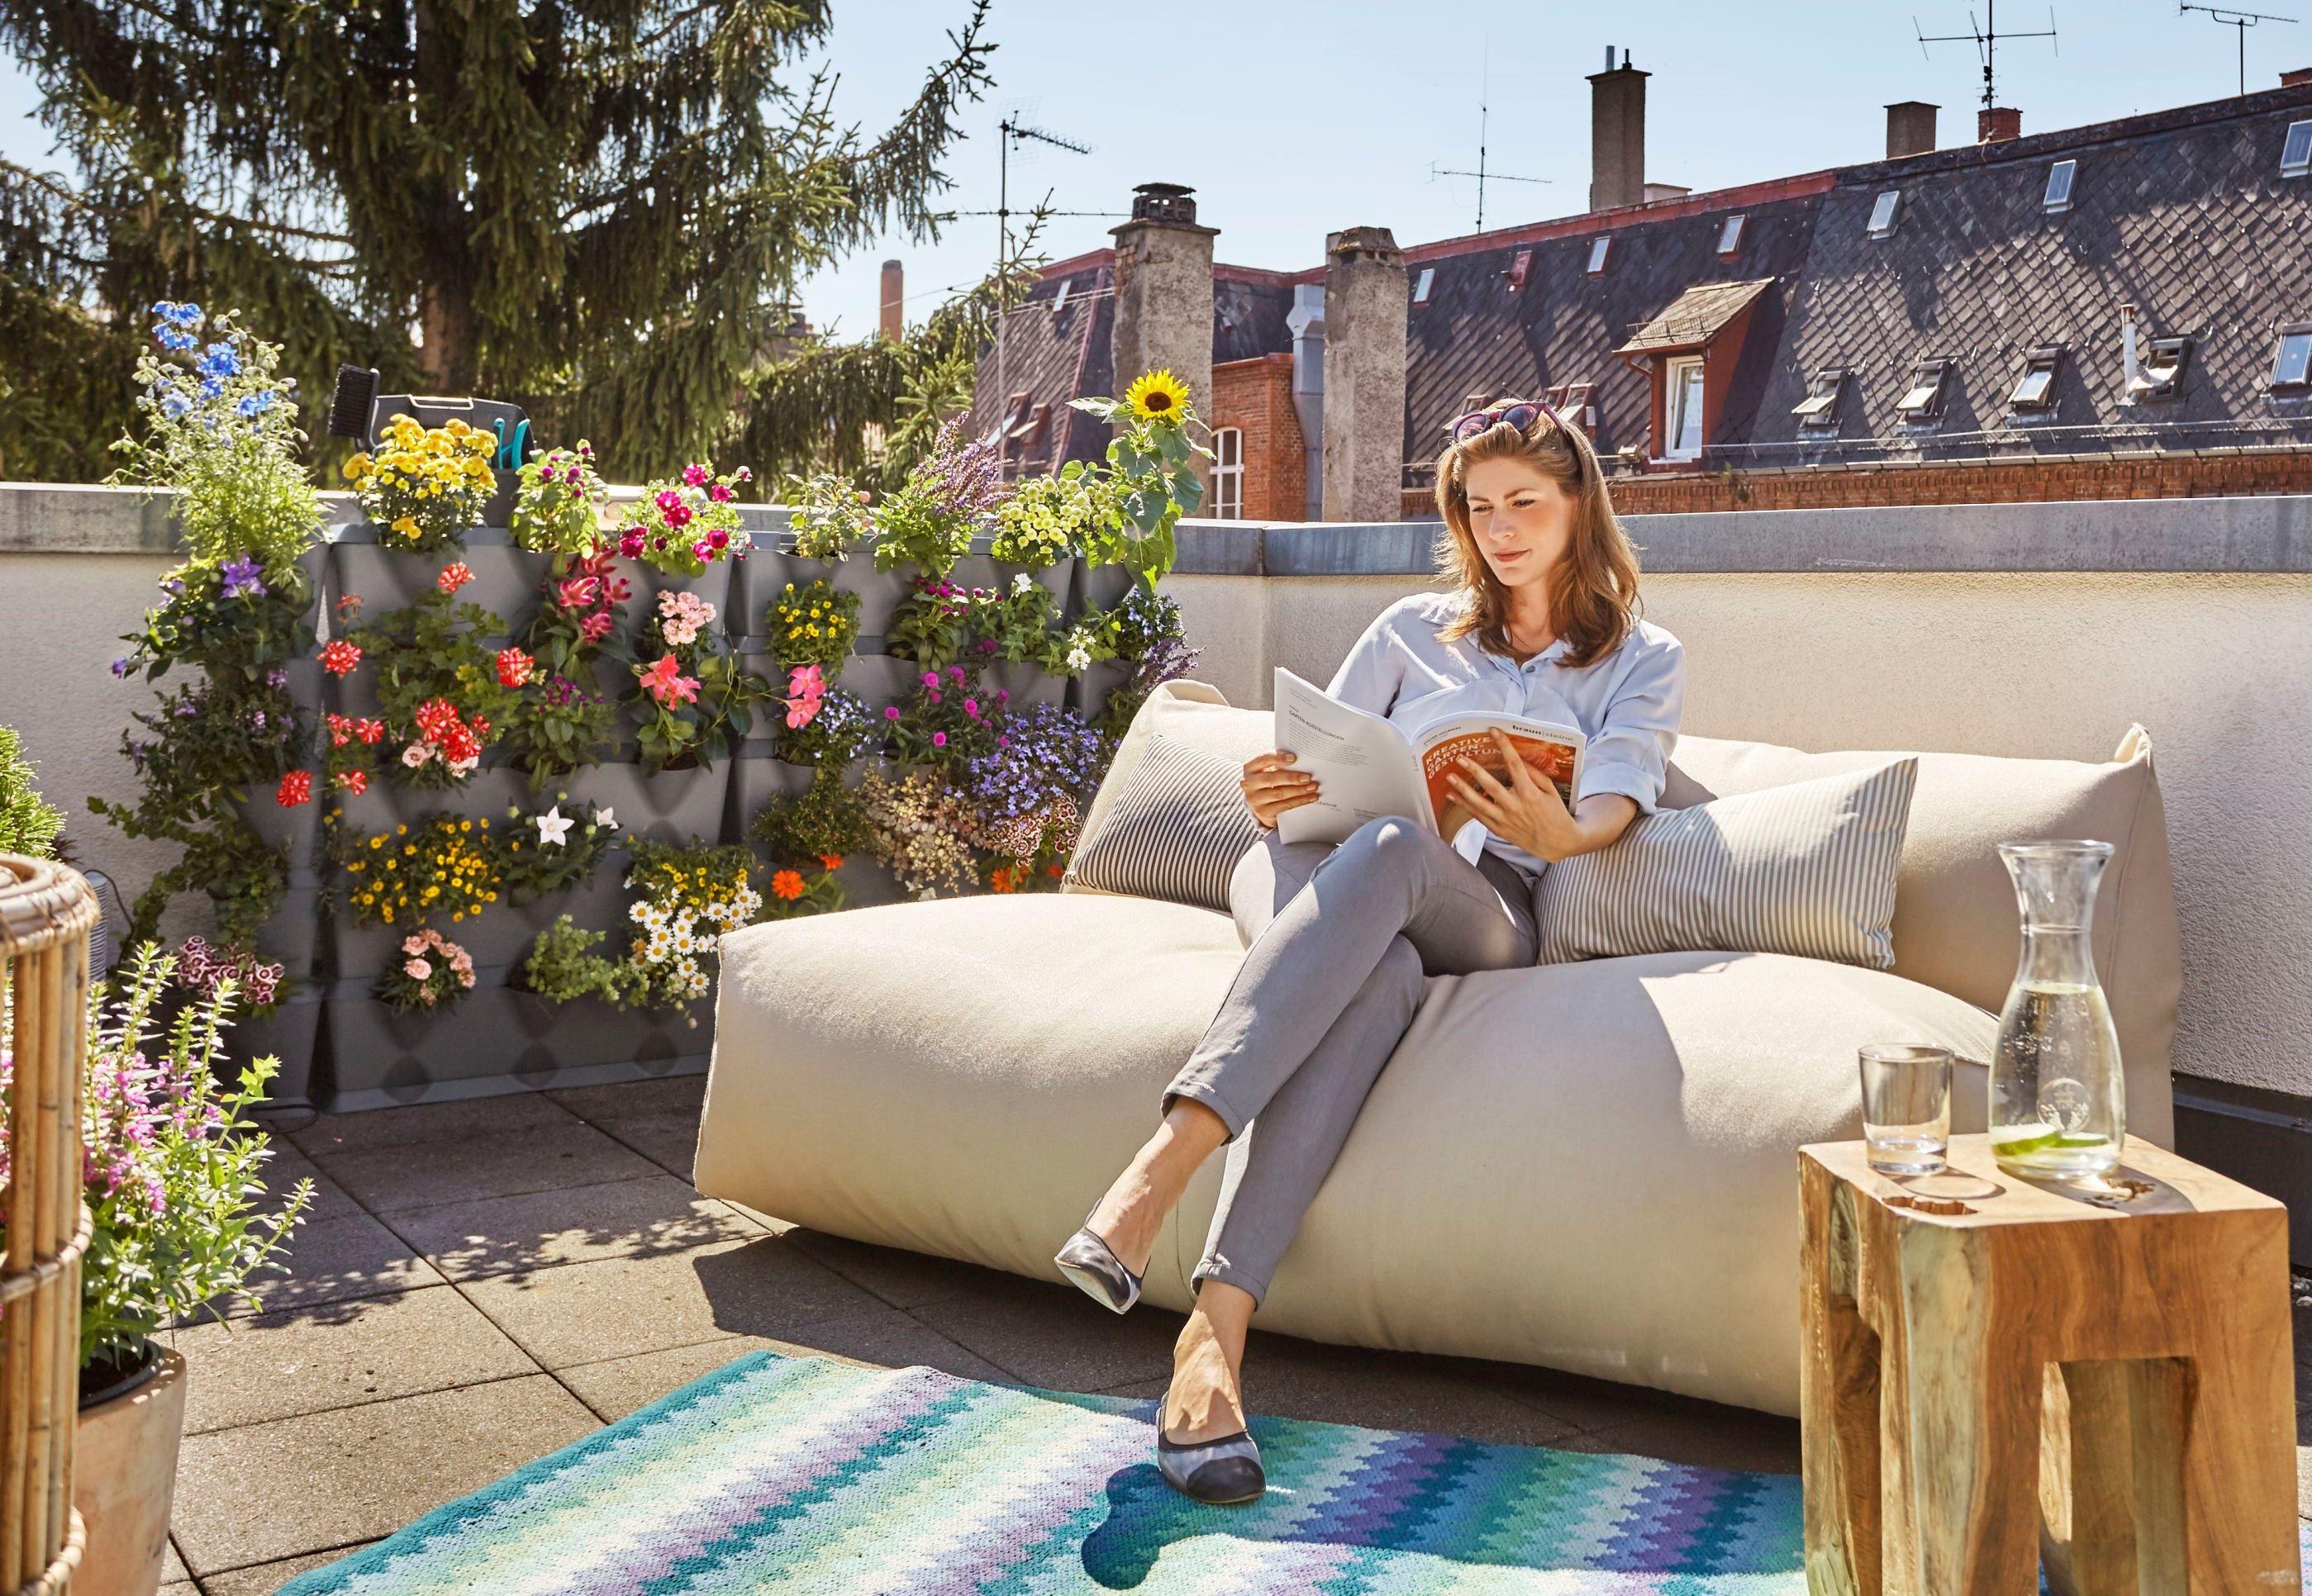 Tuinieren Op Balkon : Verticaal tuinieren op je terras balkon of dakterras met